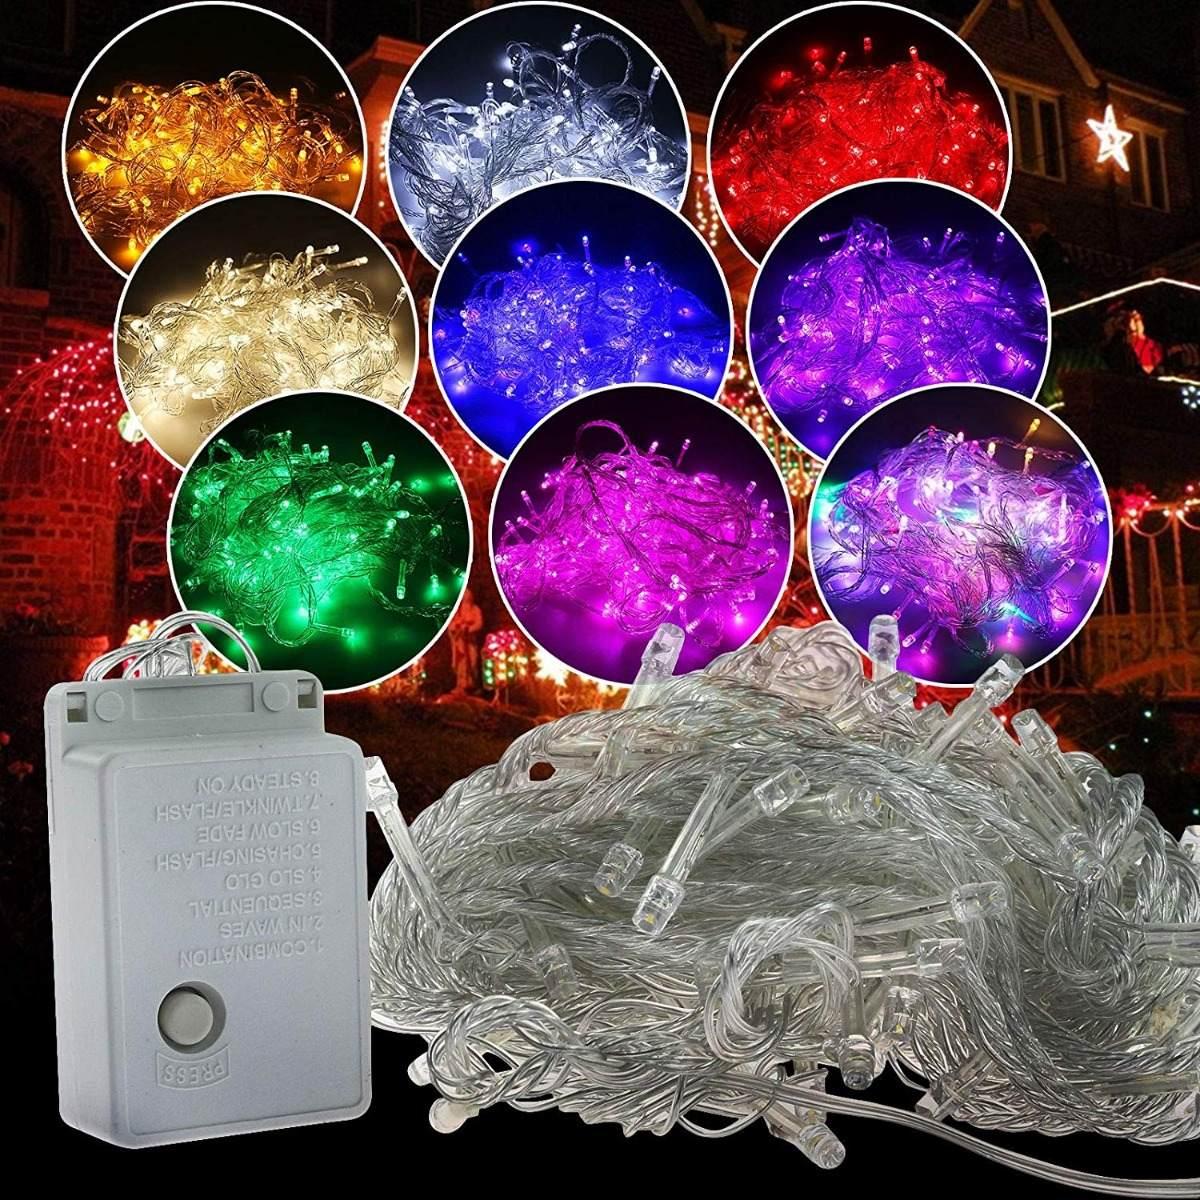 9969944e46d 200 luces led moradas para arbol de navidad autolizer. Cargando zoom... luces  para navidad. Cargando zoom.